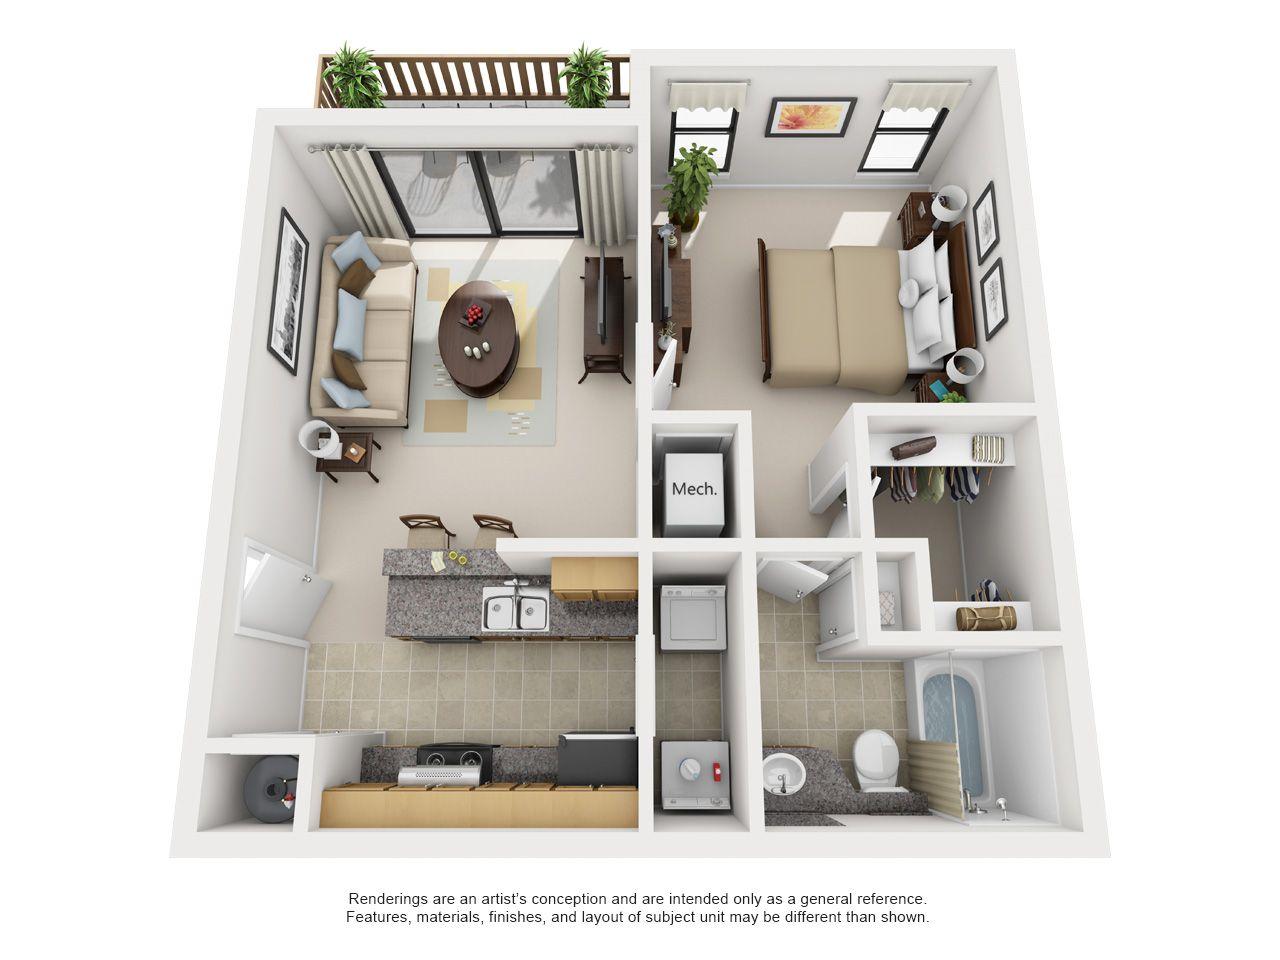 Studio 1 2 Bedroom Apartments In Smyrna Ga Bedroom Floor